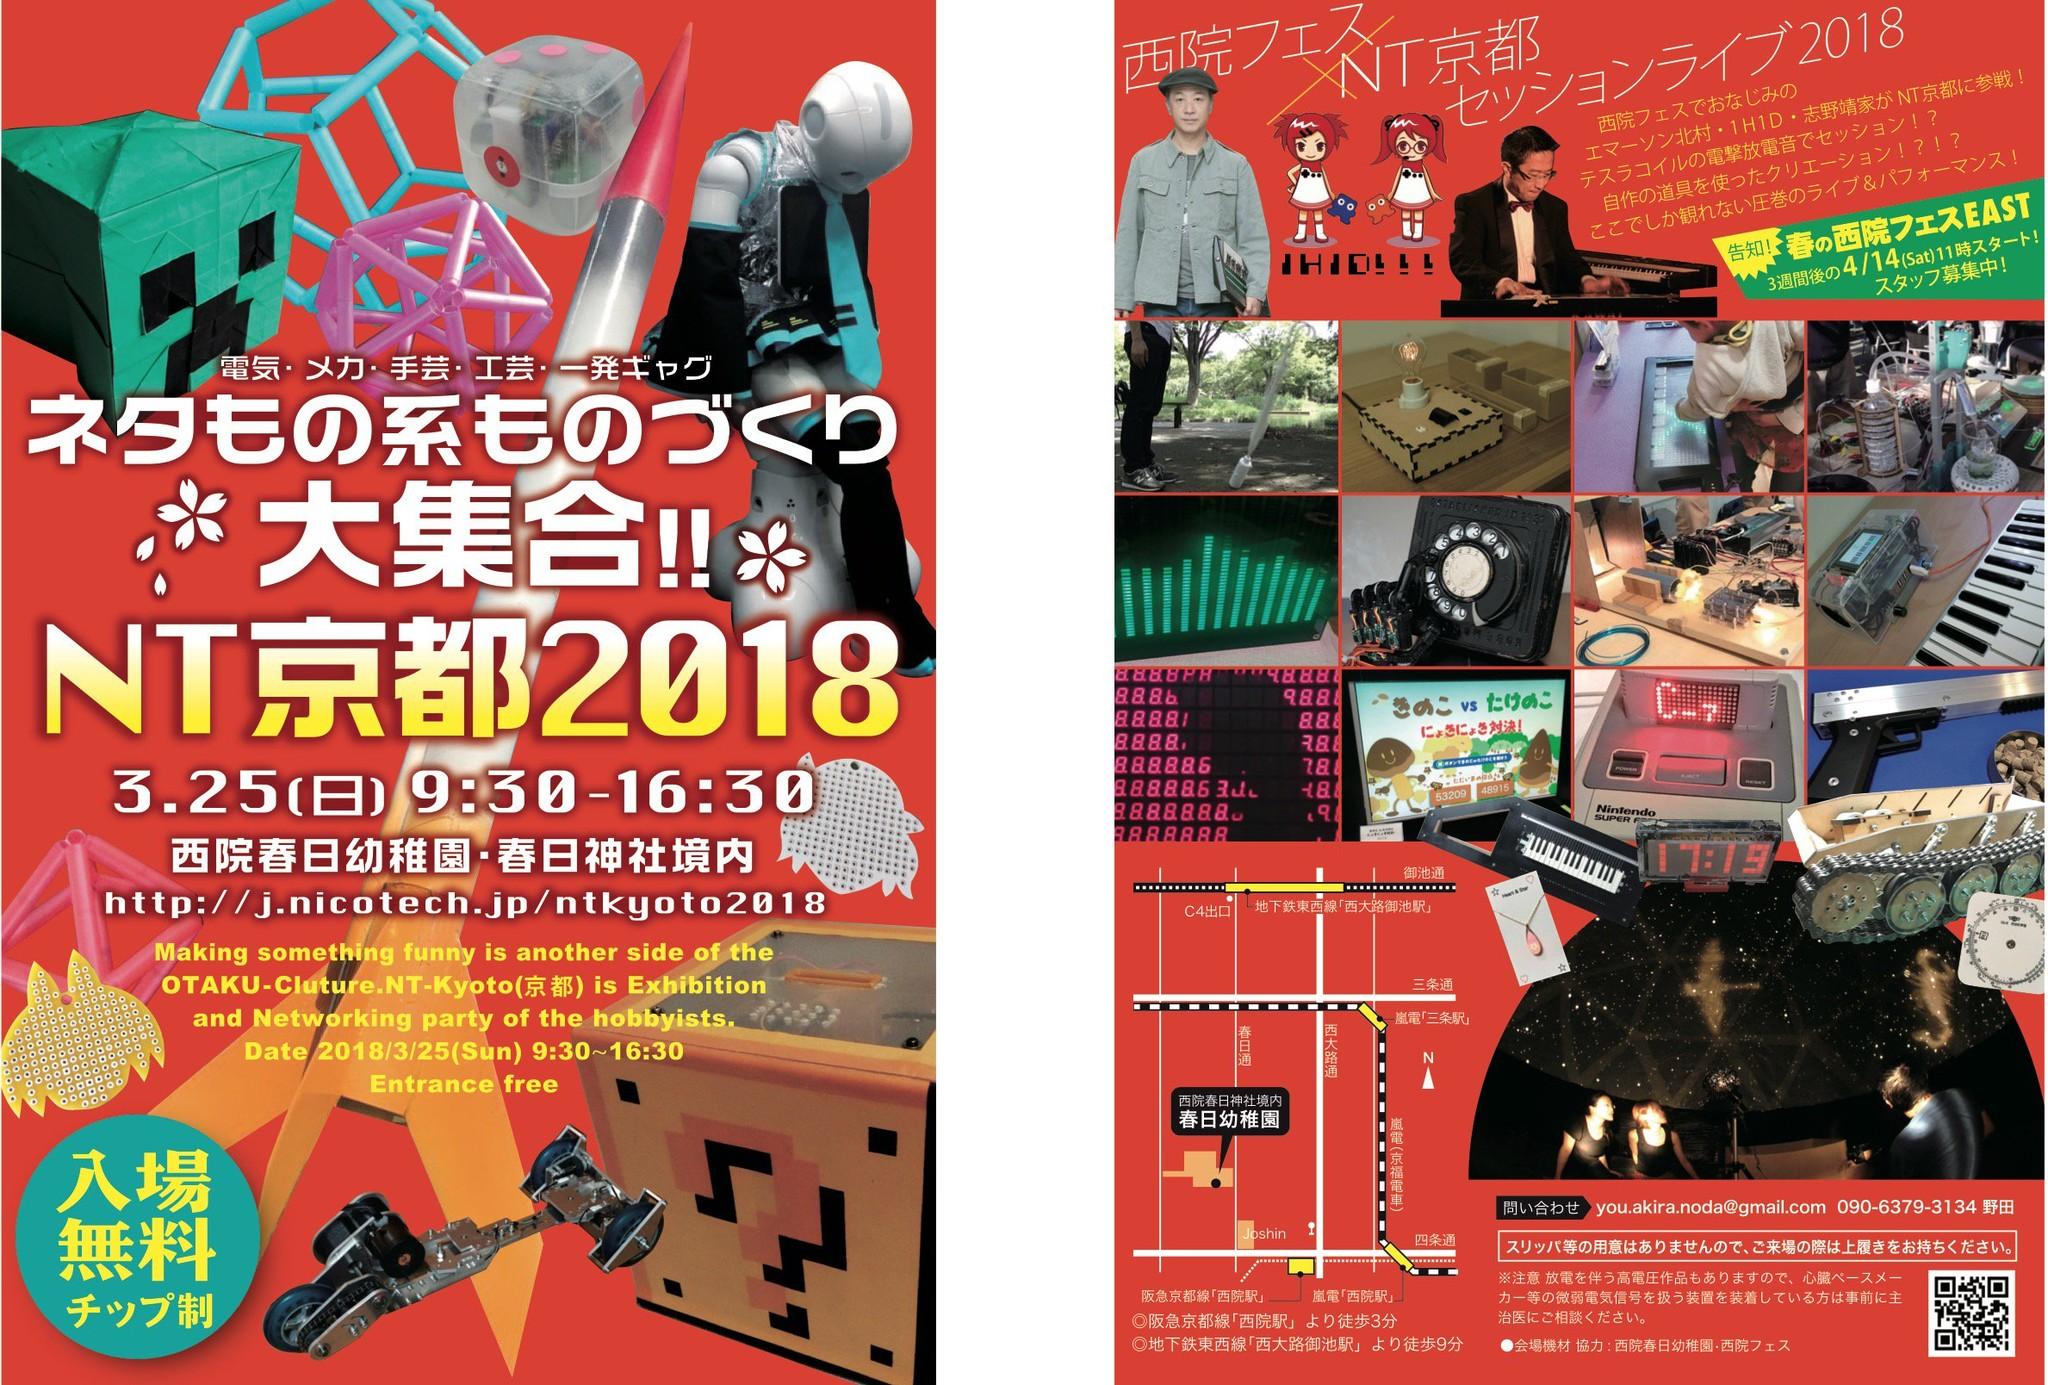 NT京都2018に出展します